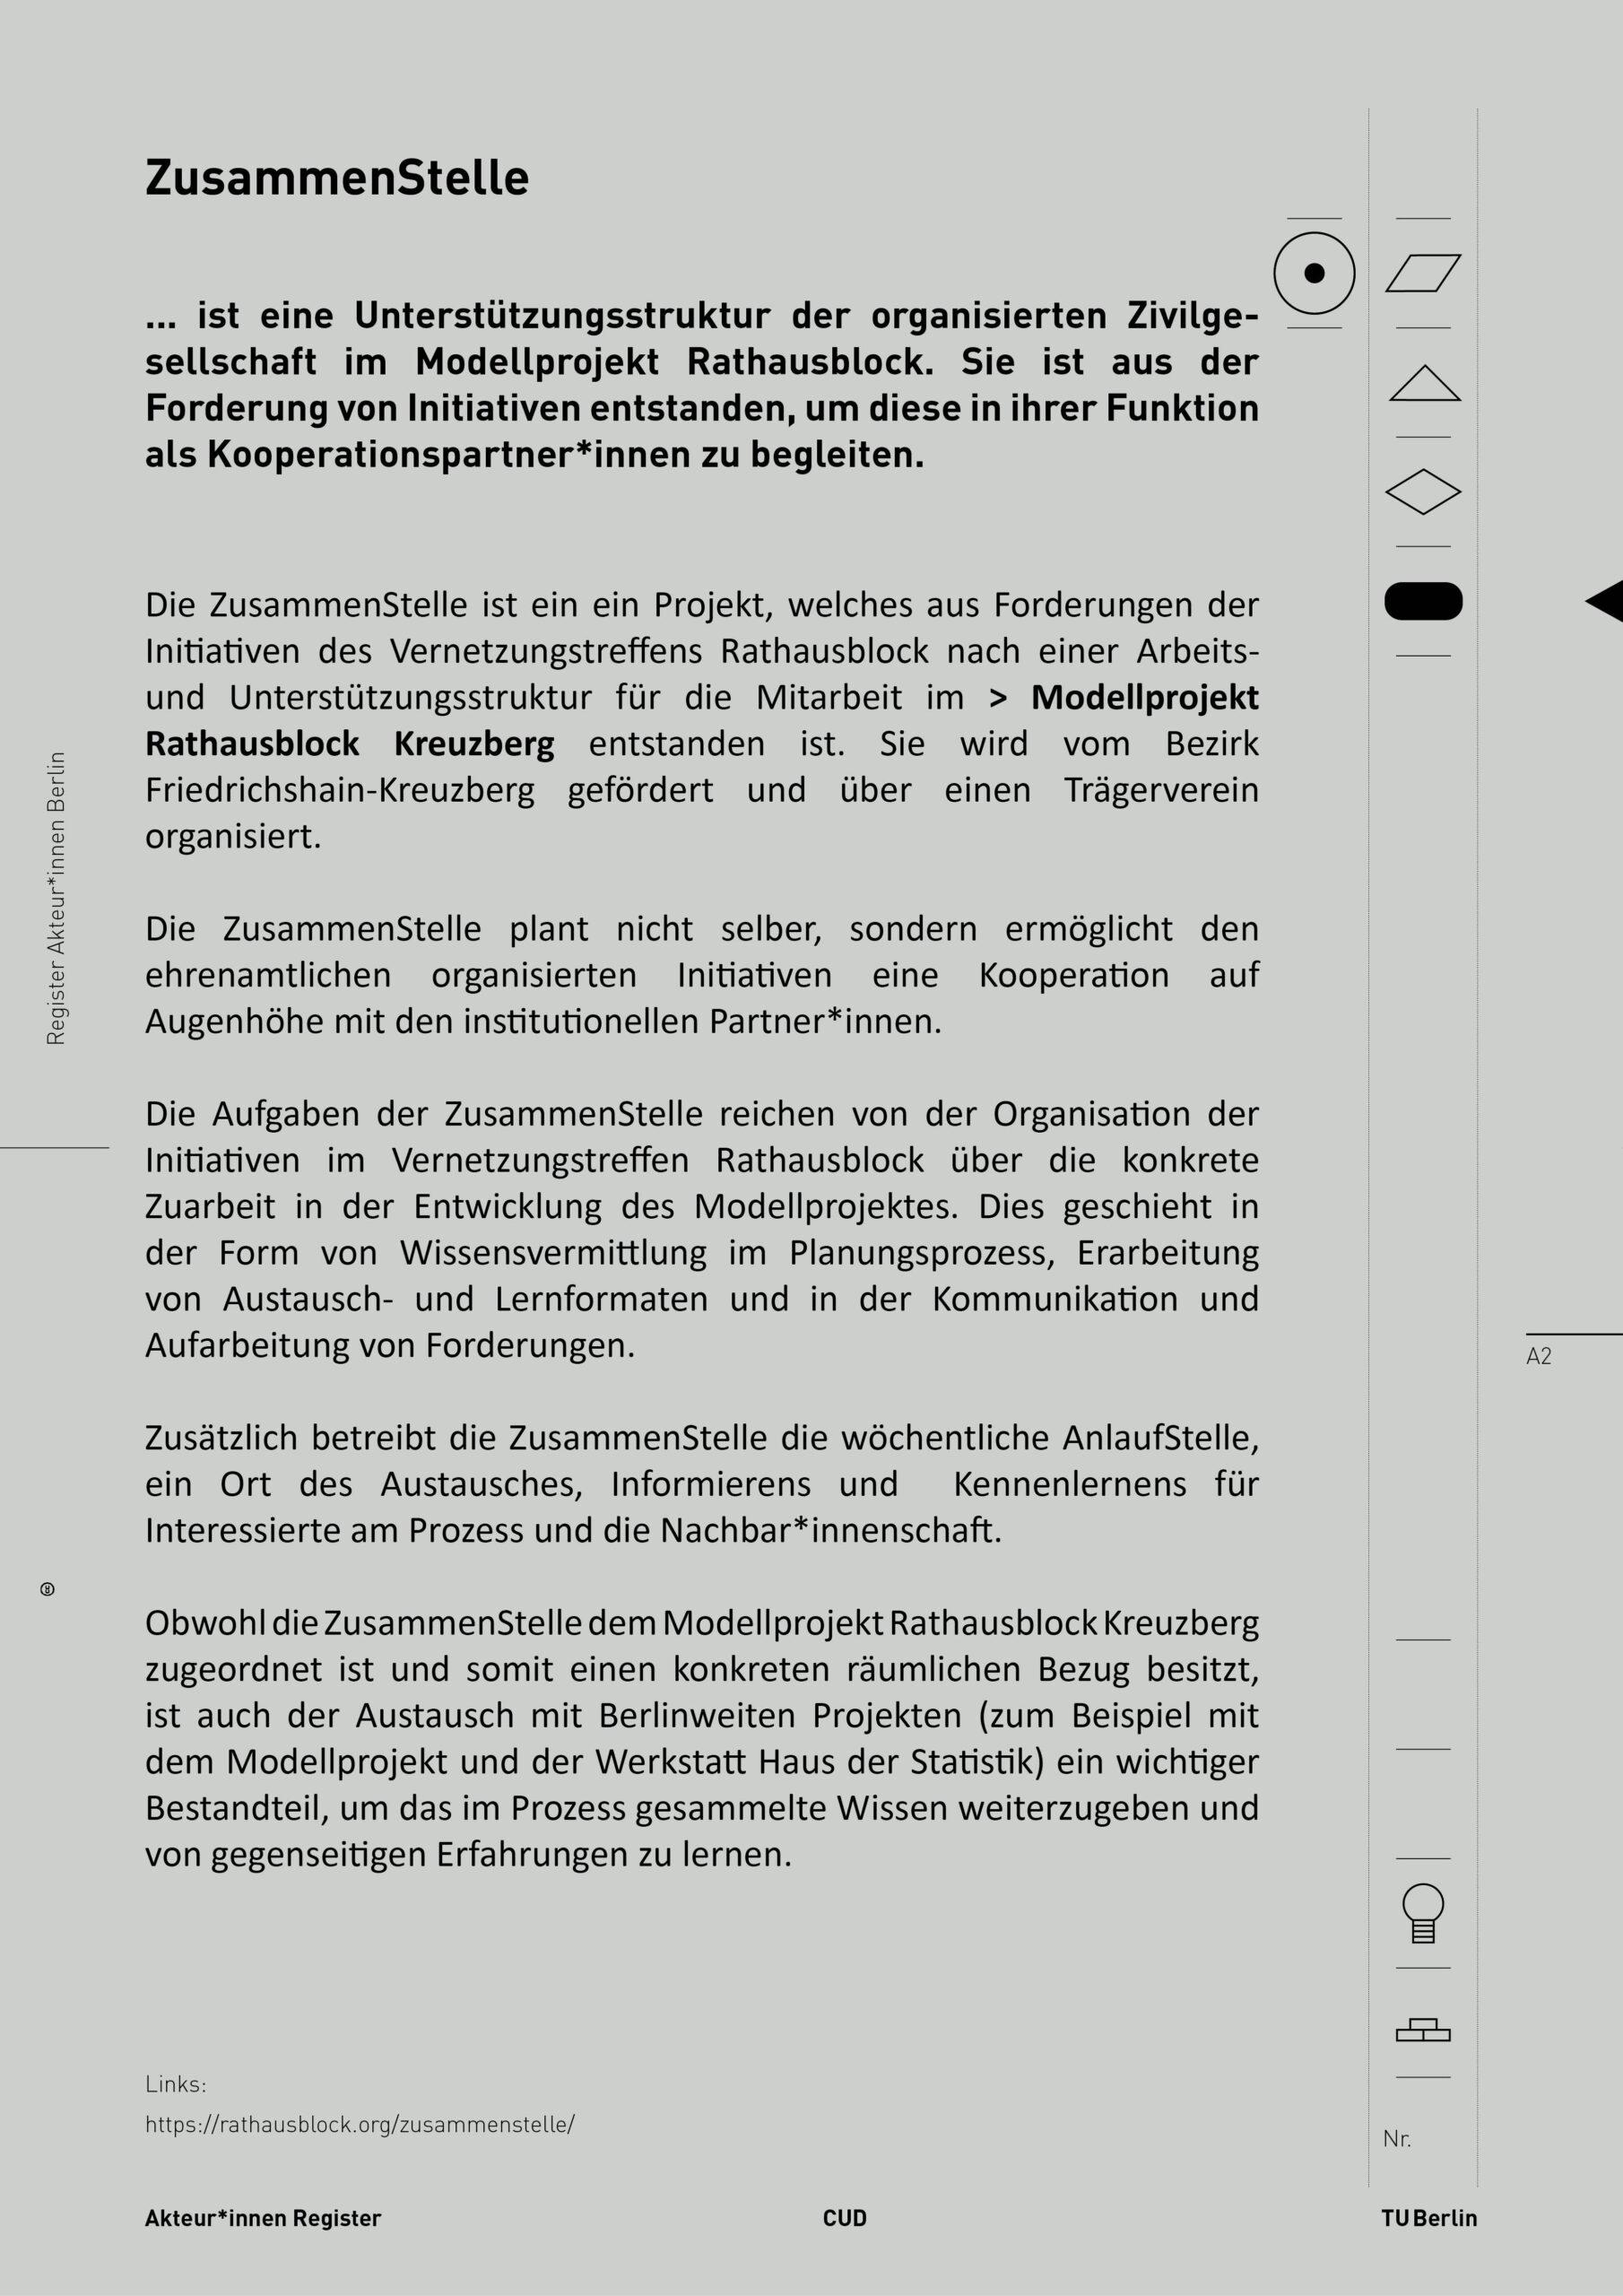 2021-05-17_AkteurInnen_Register_6